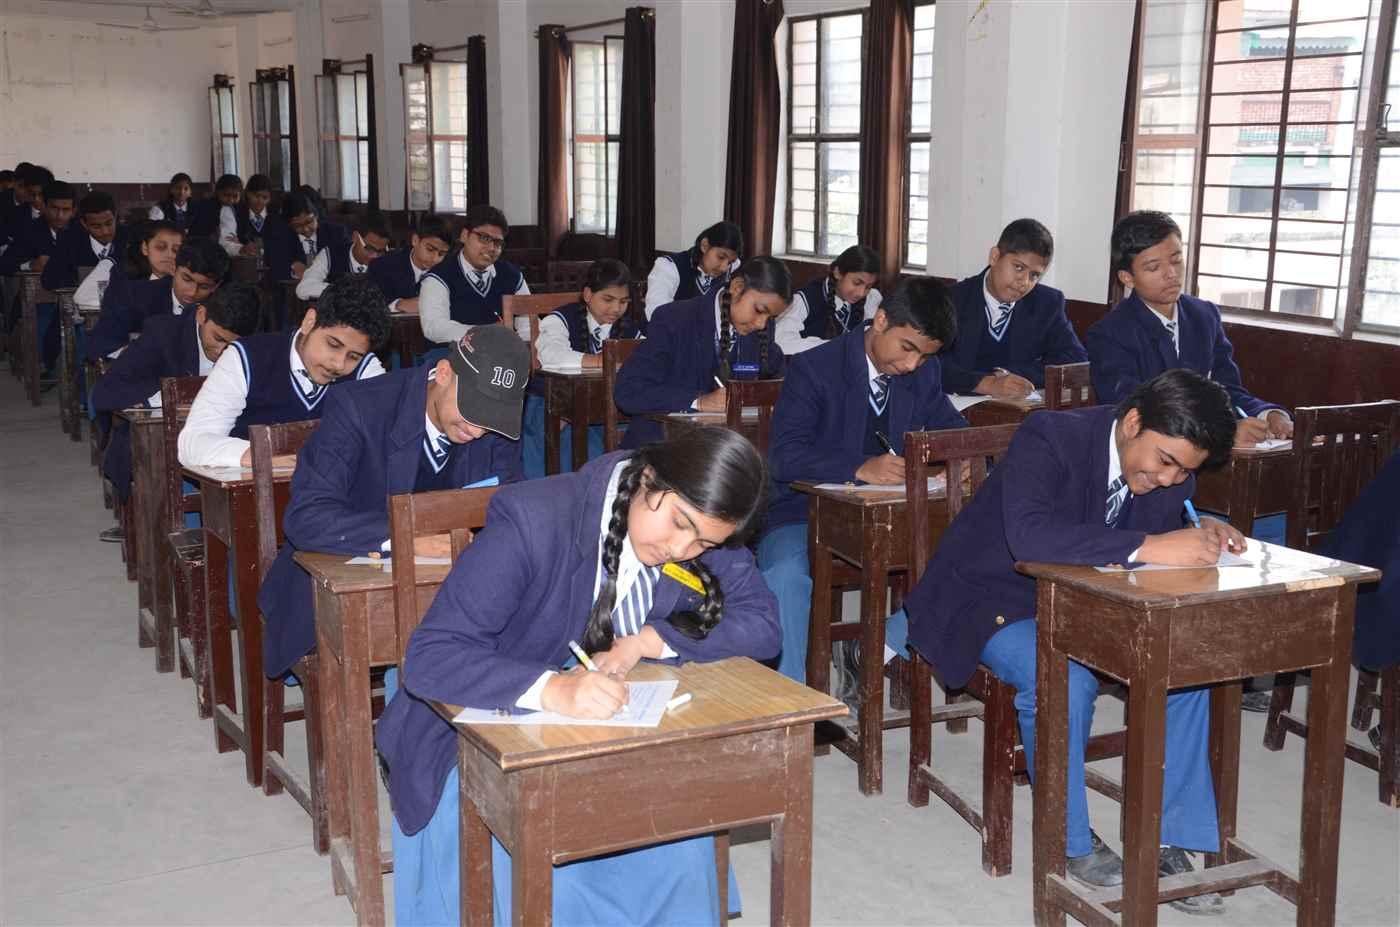 Examination Hall 1